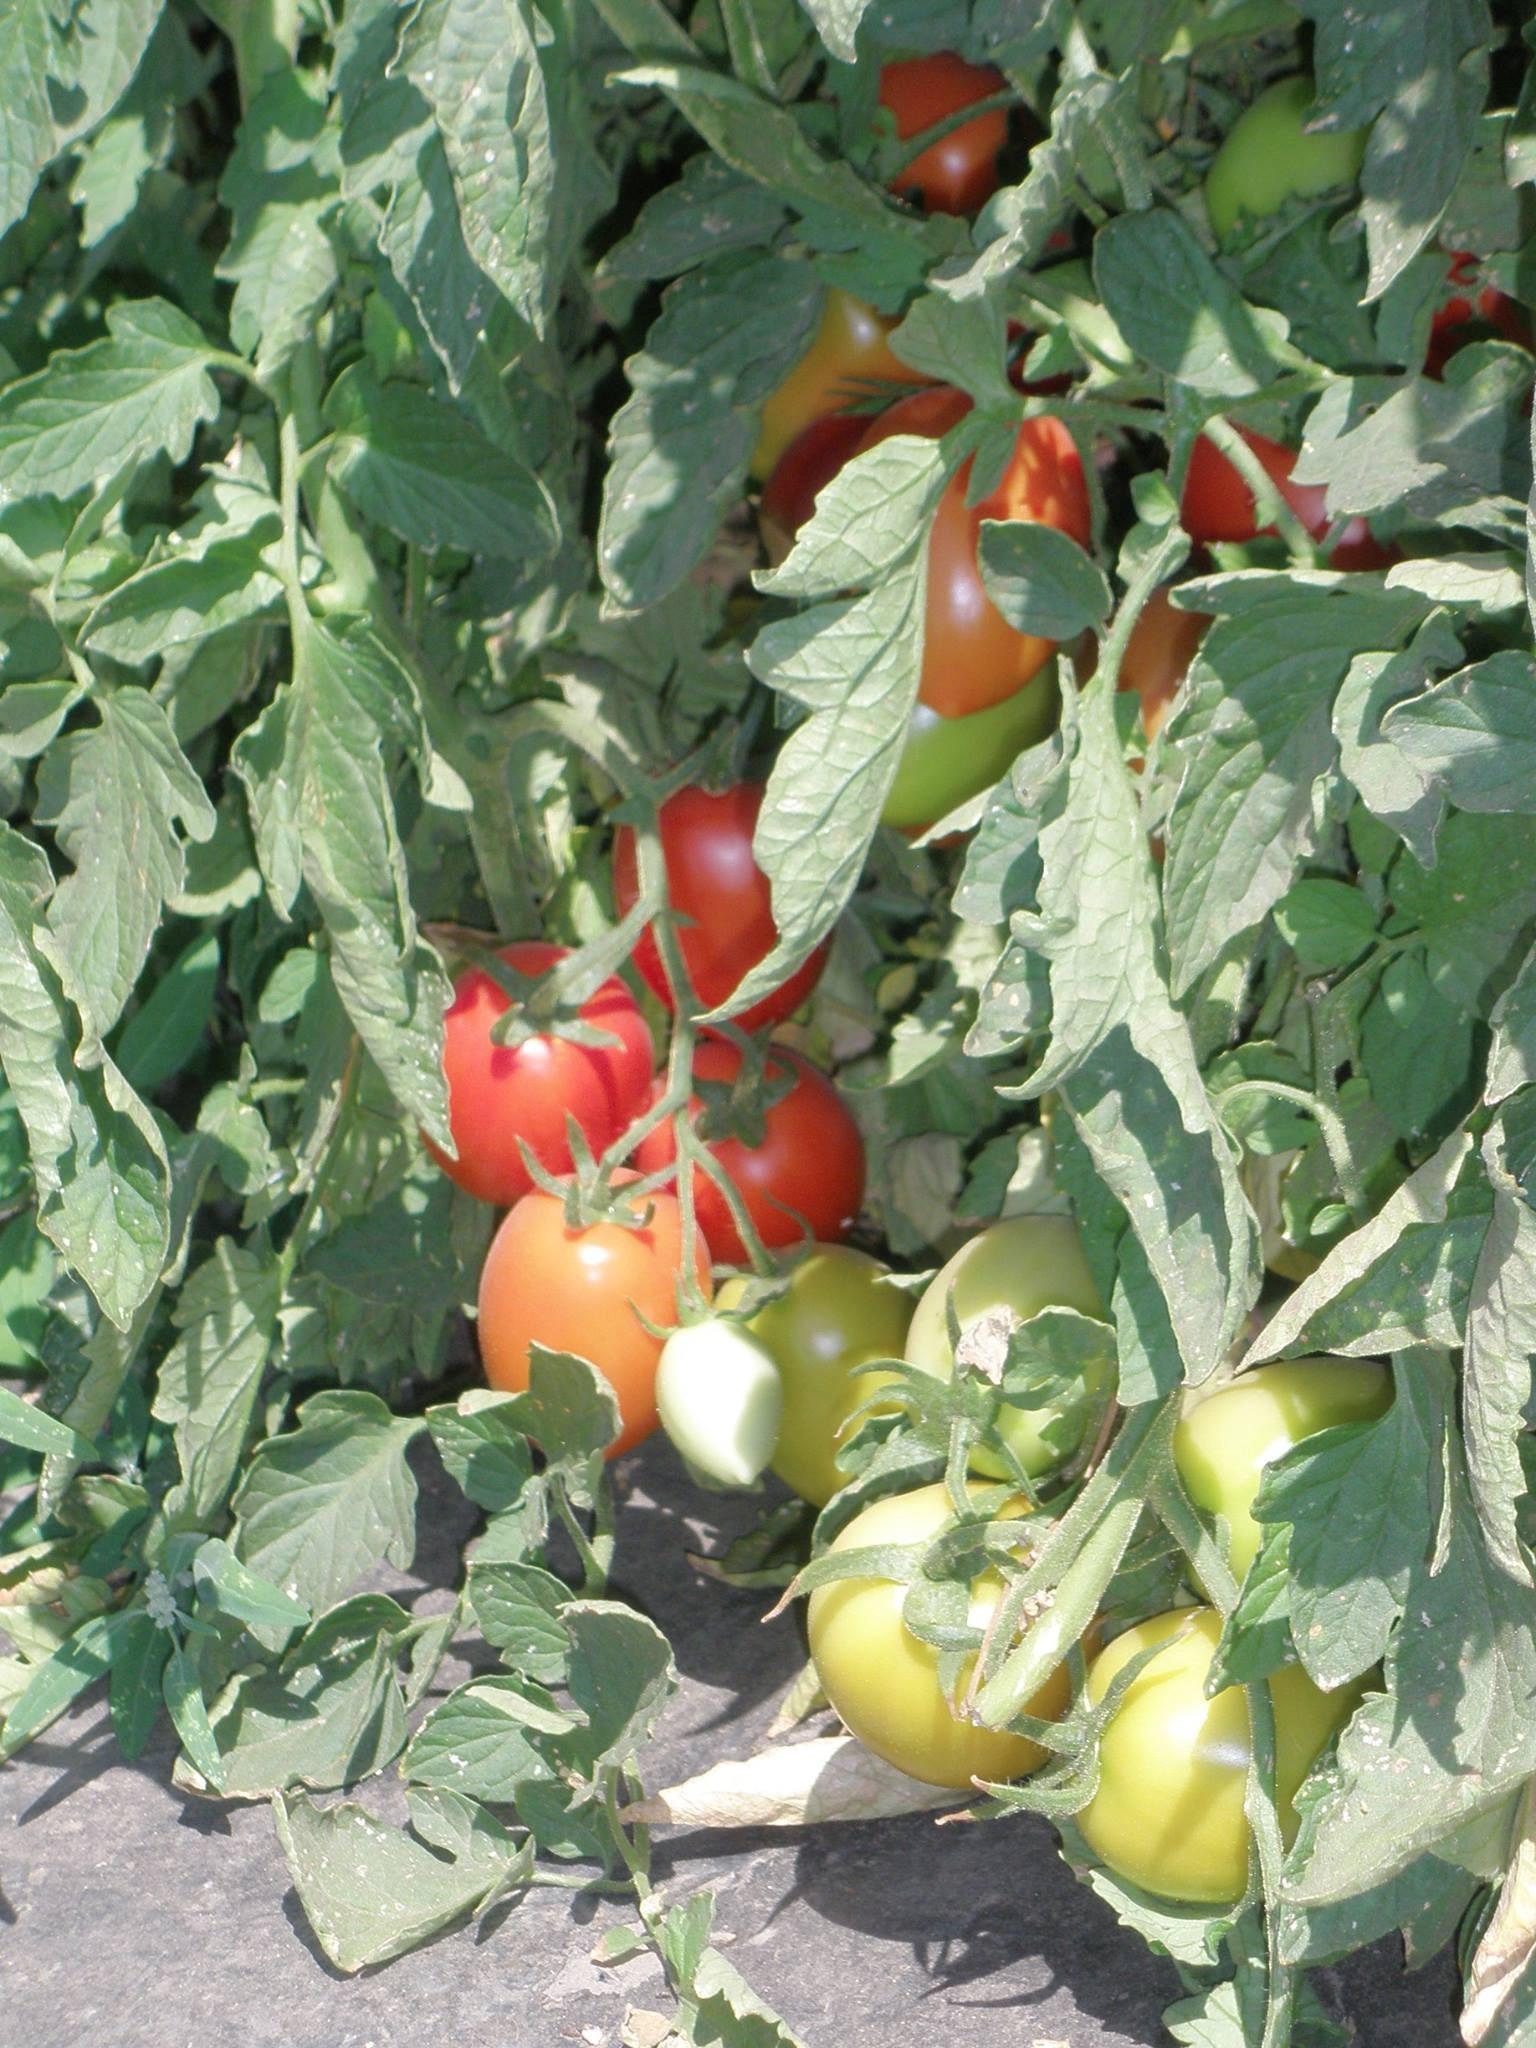 tomatoes-on-vine